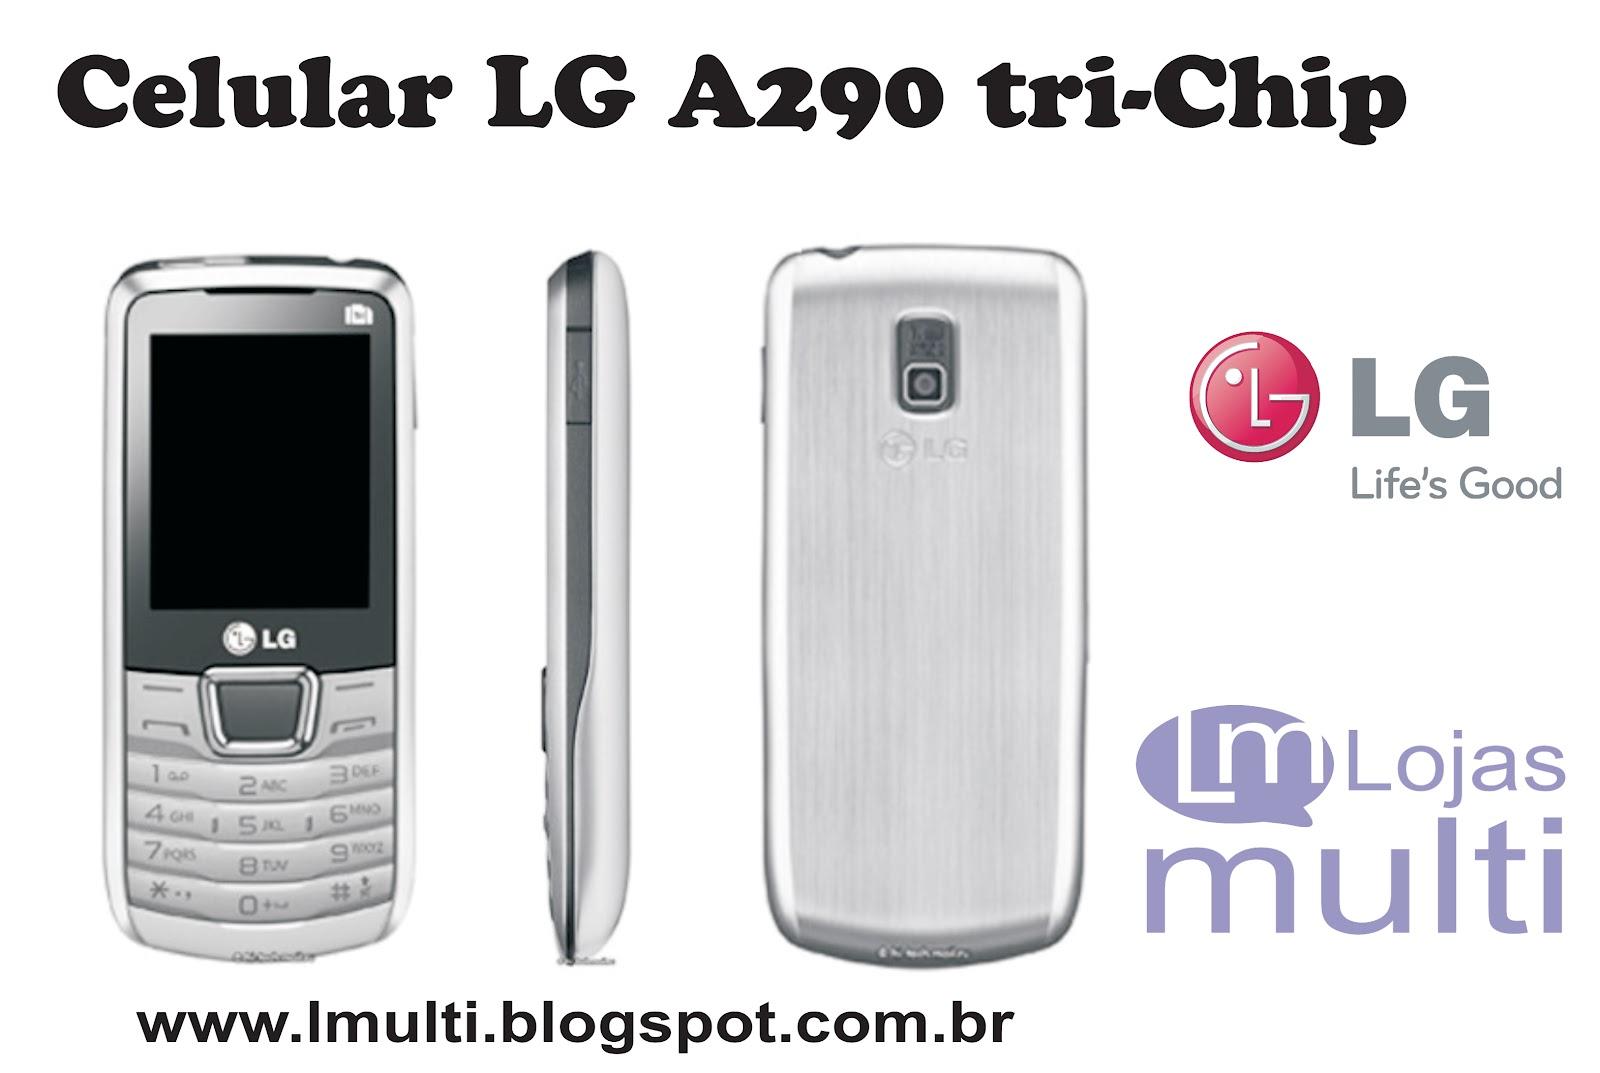 Celular Desbloqueado LG A290 Prata Tri Chip com Câmera